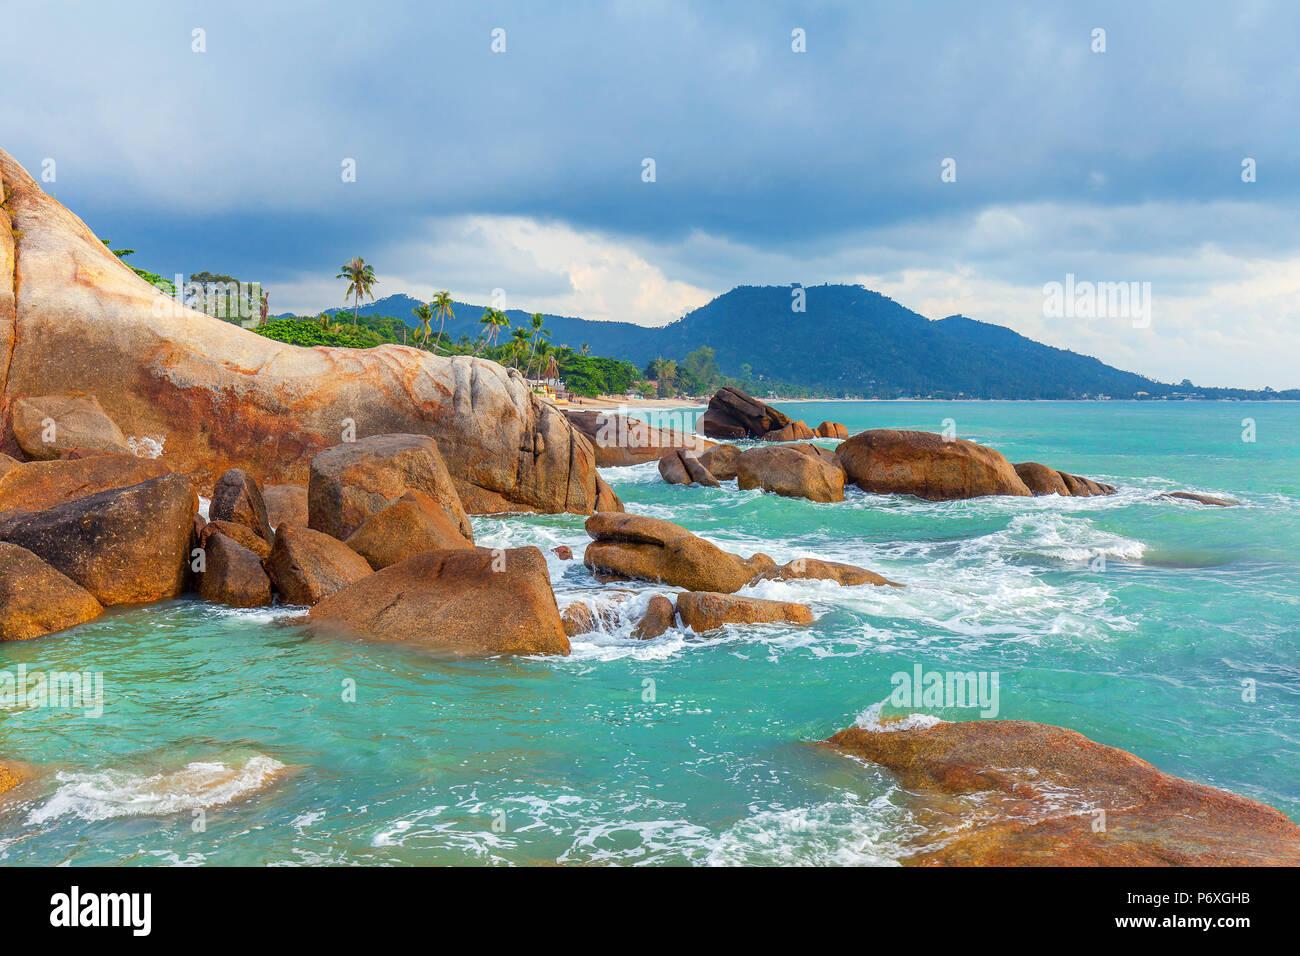 Azurblaues Meer und die roten Felsen der Insel Koh Samui in Thailand. Stockbild